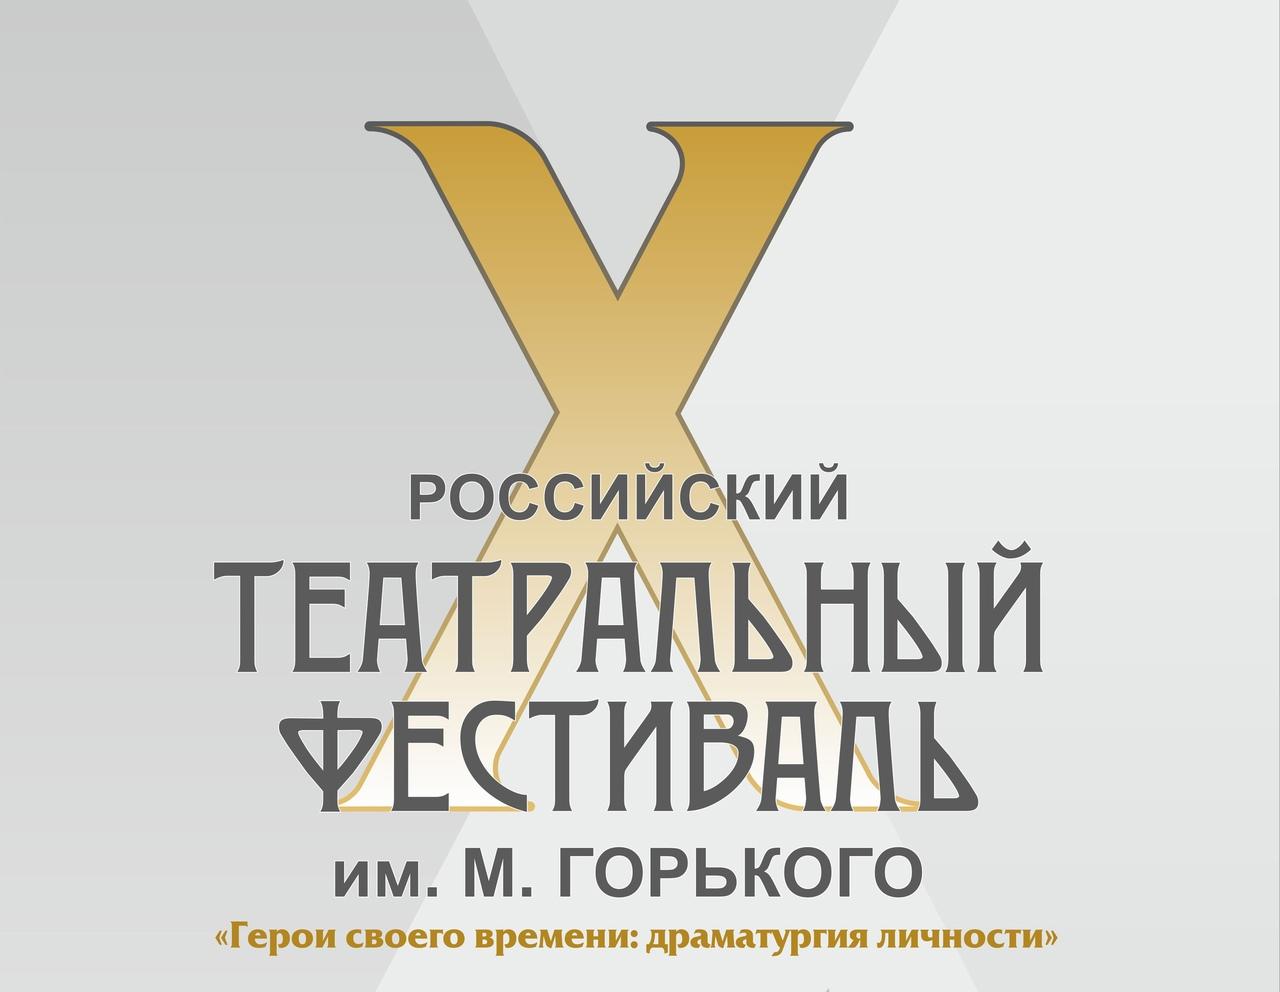 Театральный фестиваль им. М. Горького пройдет в Нижнем Новгороде